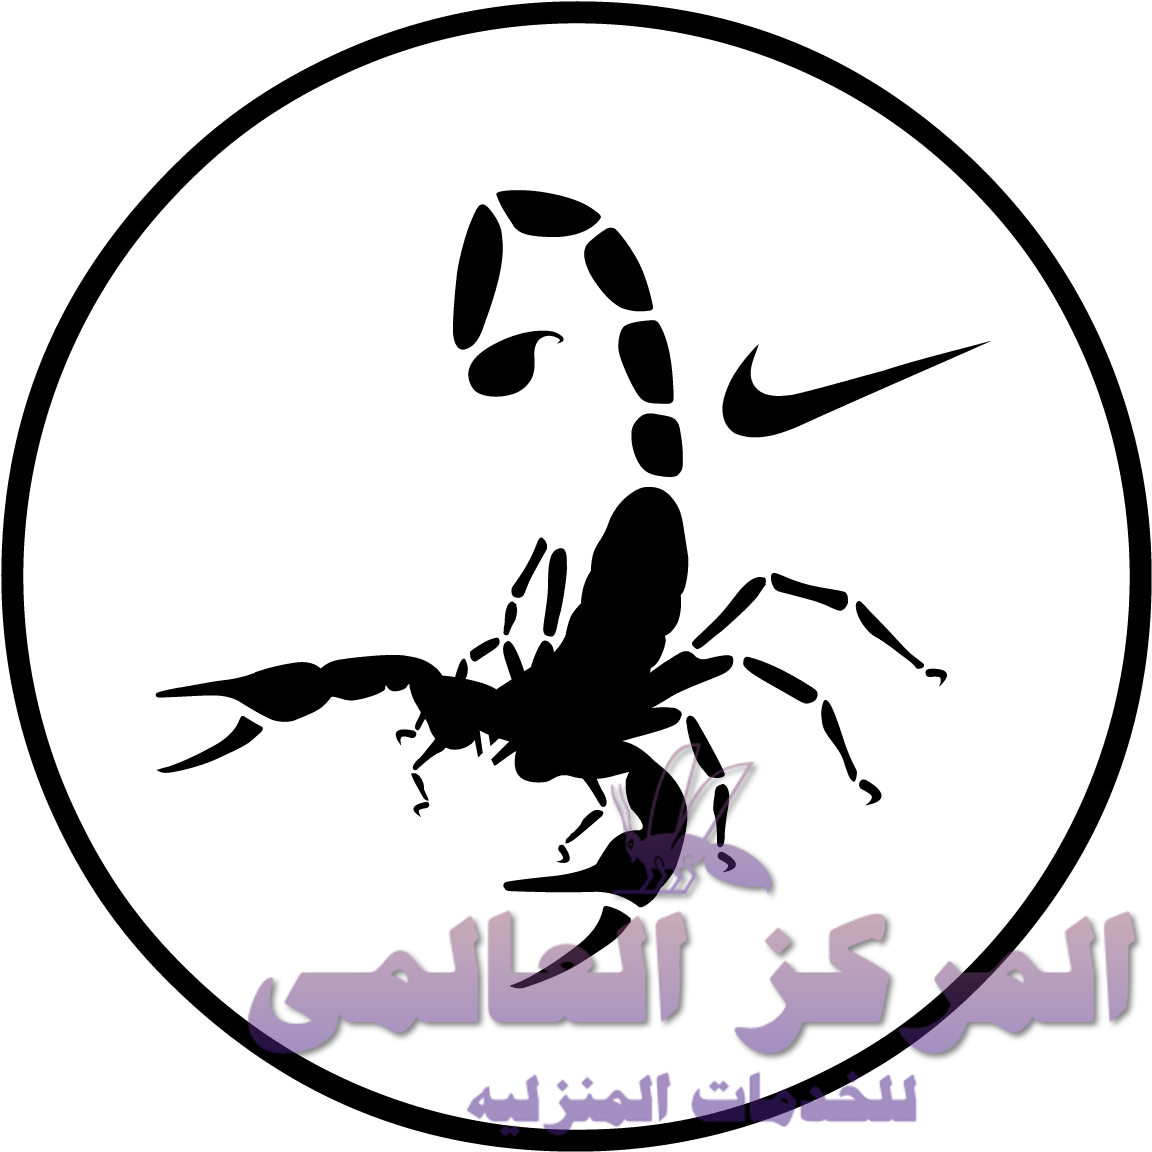 افضل شركة مكافحة حشرات شرق الرياض, افضل شركة مكافحة حشرات شرق الرياض, شركة المركز العالمي